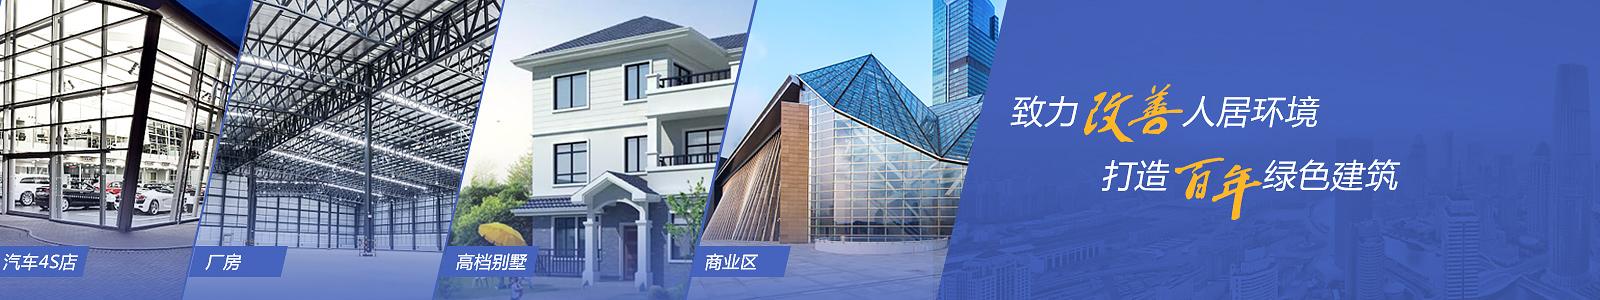 江津·ballbet贝博app建设-致力于改善人居环境打造百年绿色建筑